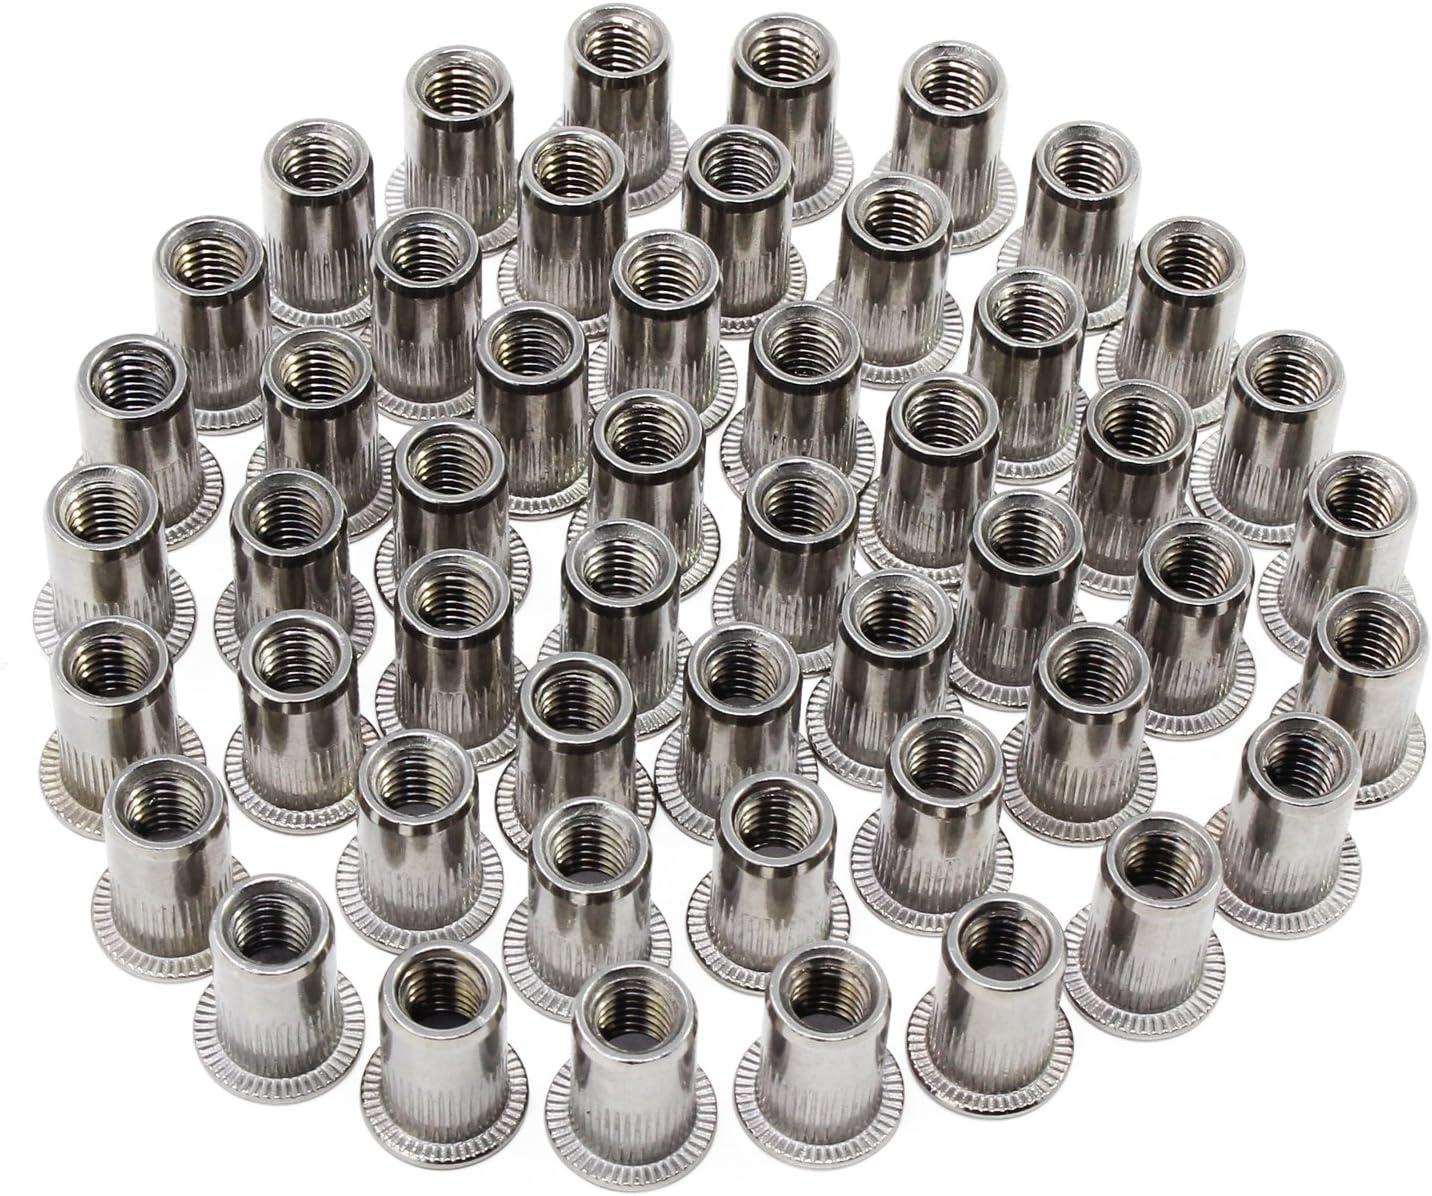 mit sortierten 100 Nieten 3,2 mm 4,8 mm 2,4 mm 4 Kopfd/üse strapazierf/ähig Nietwerkzeug Hseamall Nietpistolen-Set 4 mm